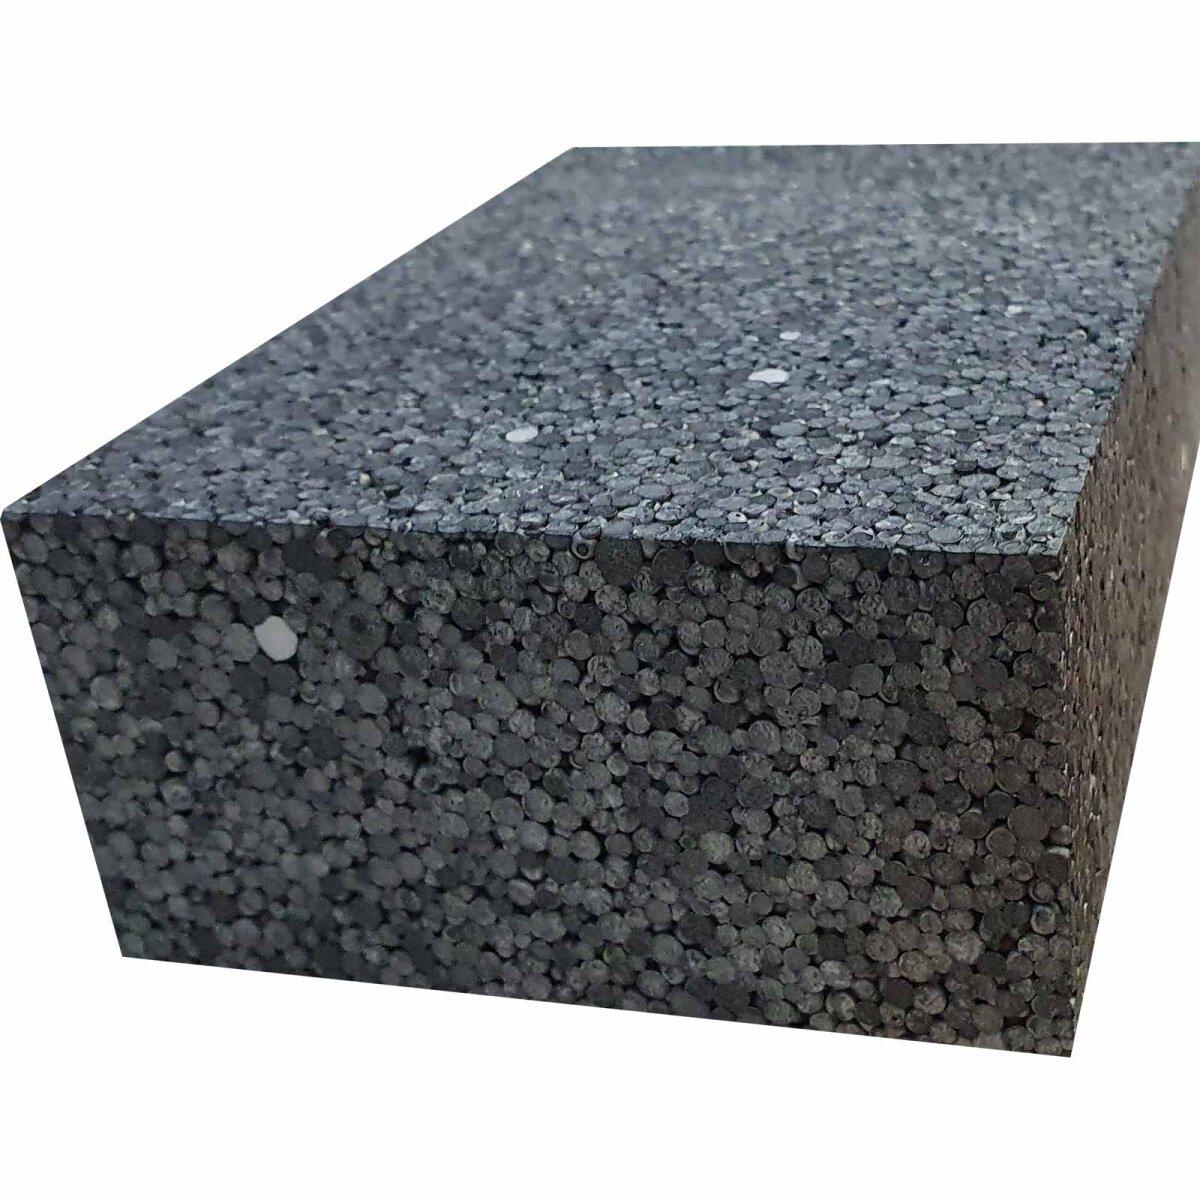 fassadend mmplatte eps wlg 031 wdvs styropor grafit atlas 180 mm 15 90. Black Bedroom Furniture Sets. Home Design Ideas